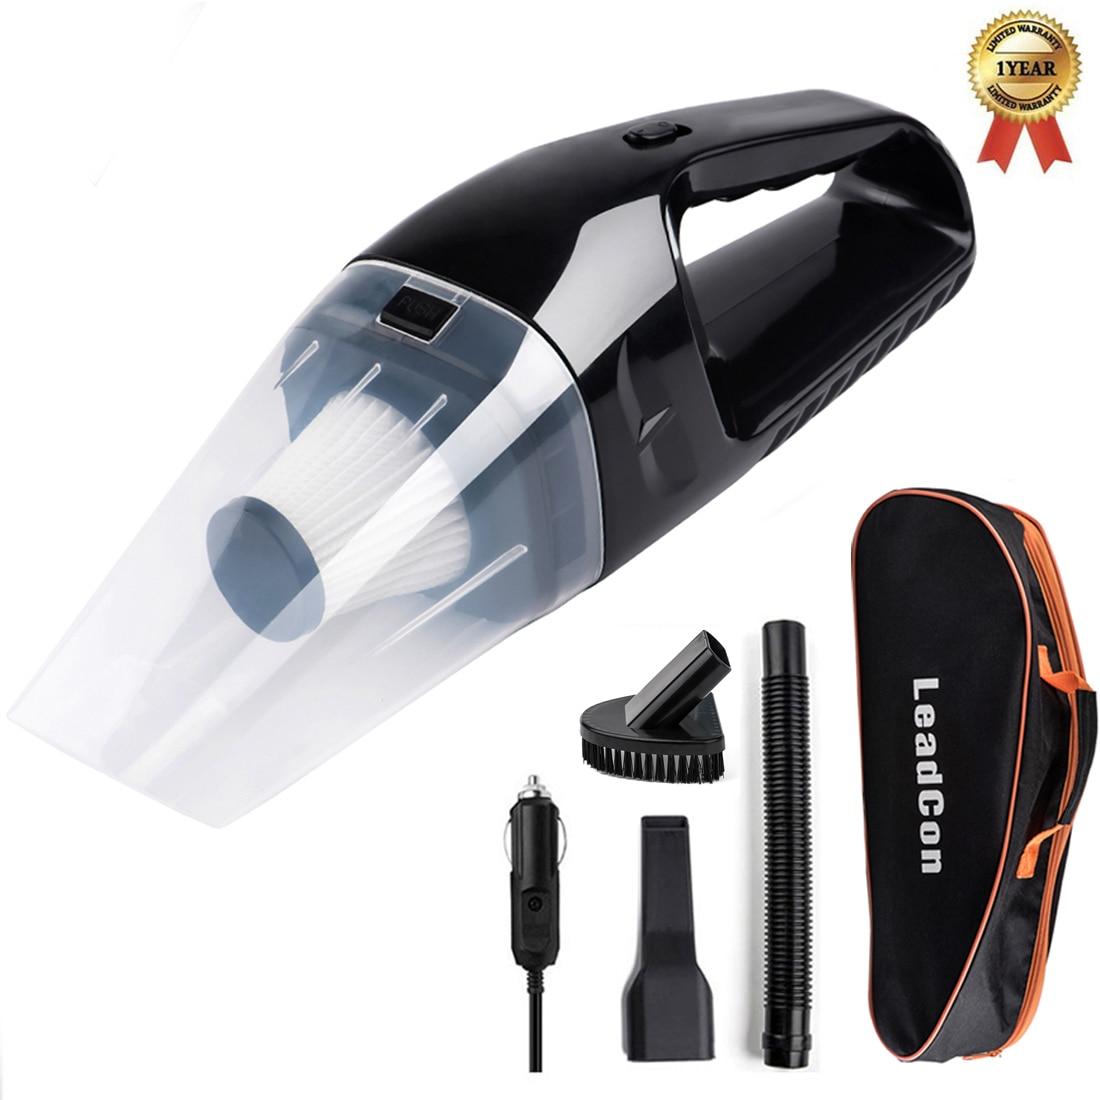 Offre spéciale voiture aspirateur 120W Portable aspirateur à main Auto humide/sec voiture aspirateur filtre à main 12V